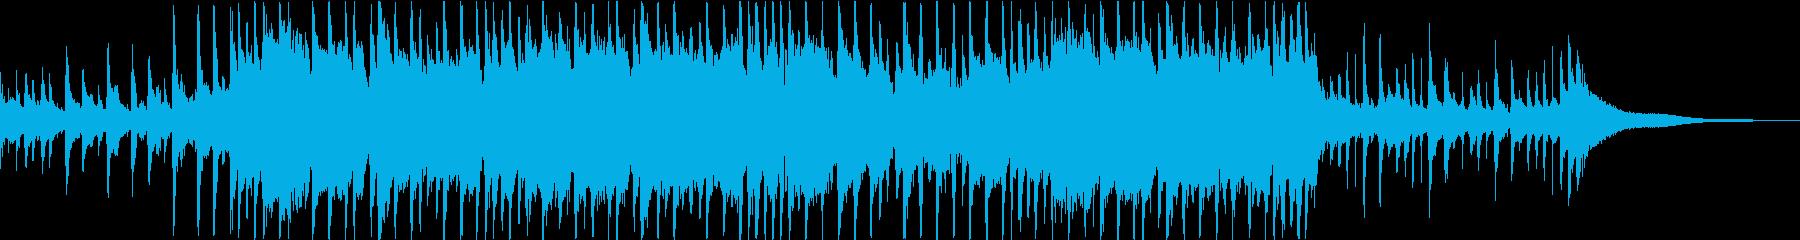 バラード ポジティブ 明るい レト...の再生済みの波形